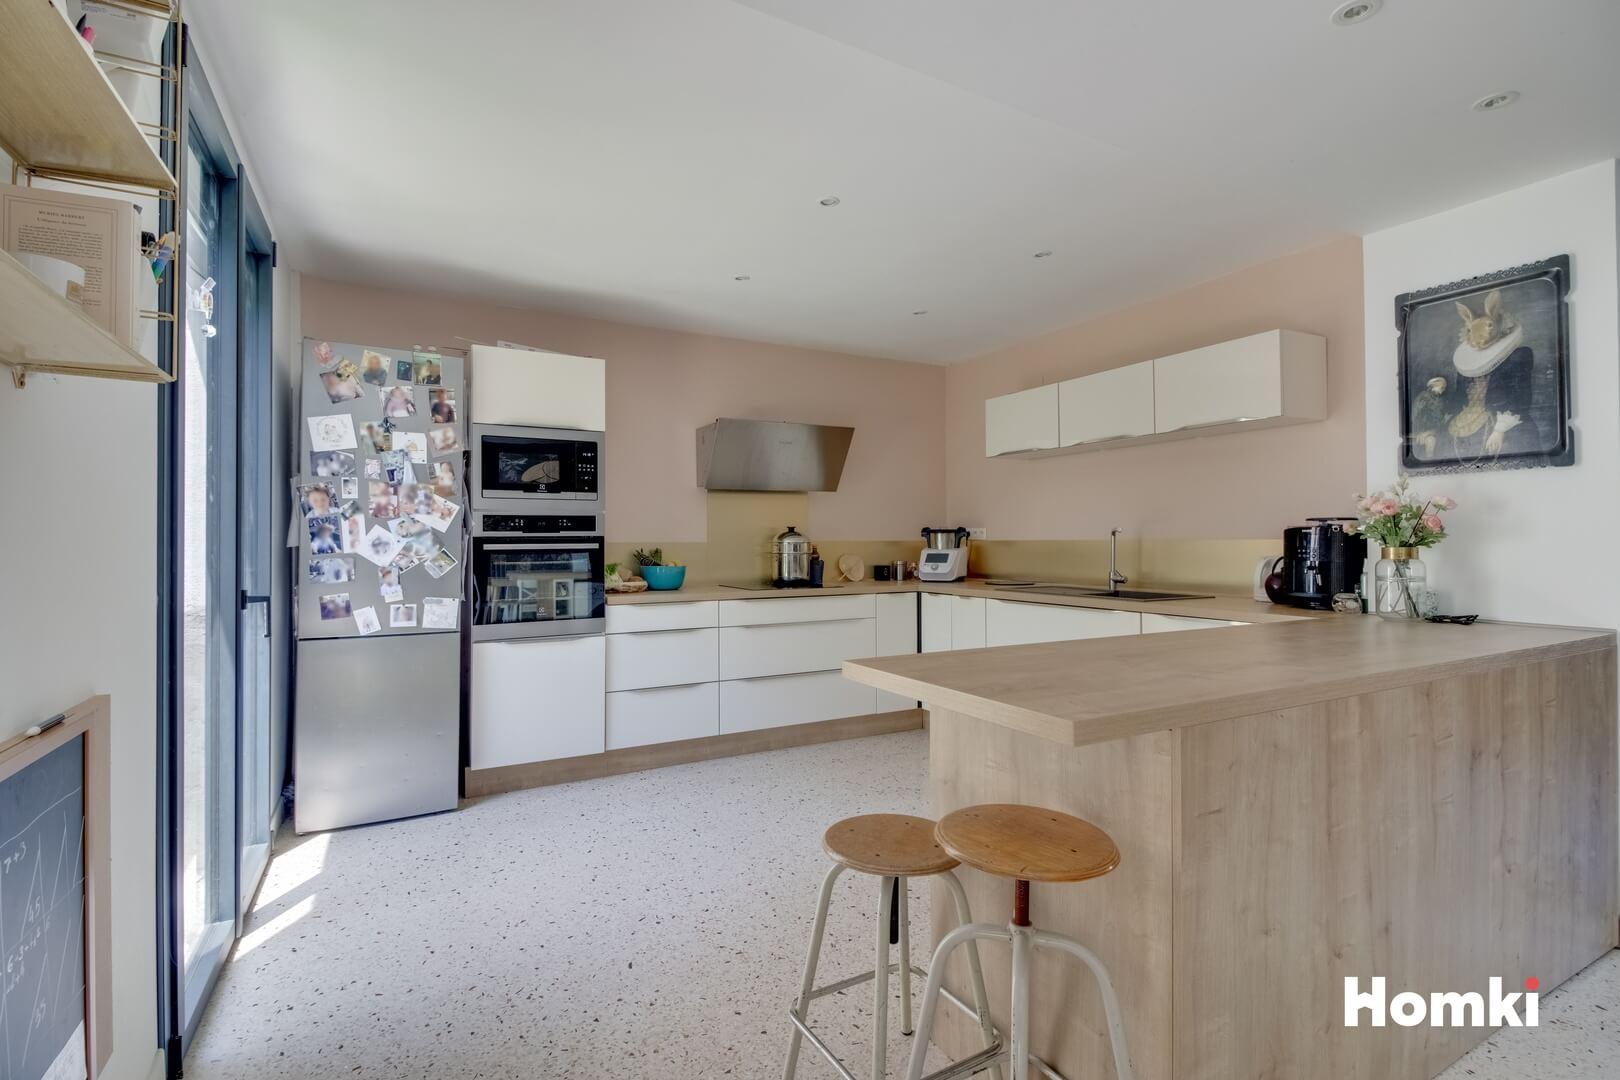 Homki - Vente Maison/villa  de 120.0 m² à Toulouse 31100